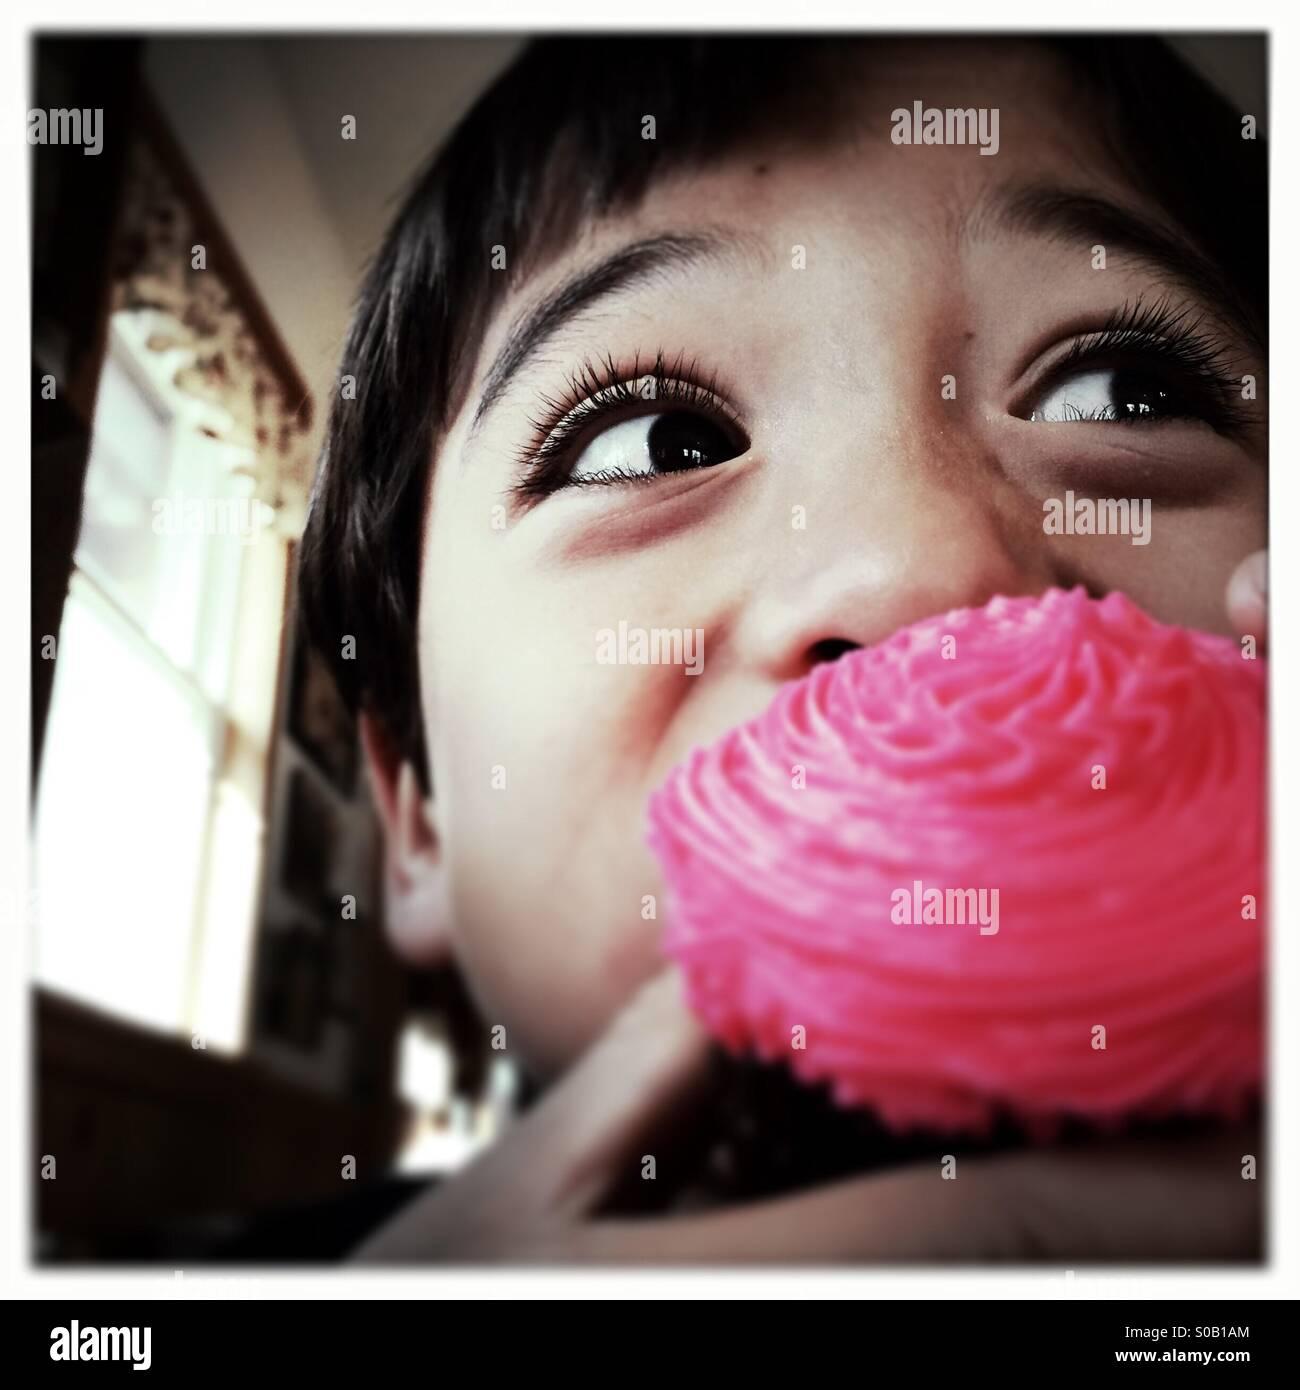 Sechs Jahre alten asiatischen kaukasischen gemischt Rennen junge nimmt einen Bissen von einem Cupcake. Stockbild